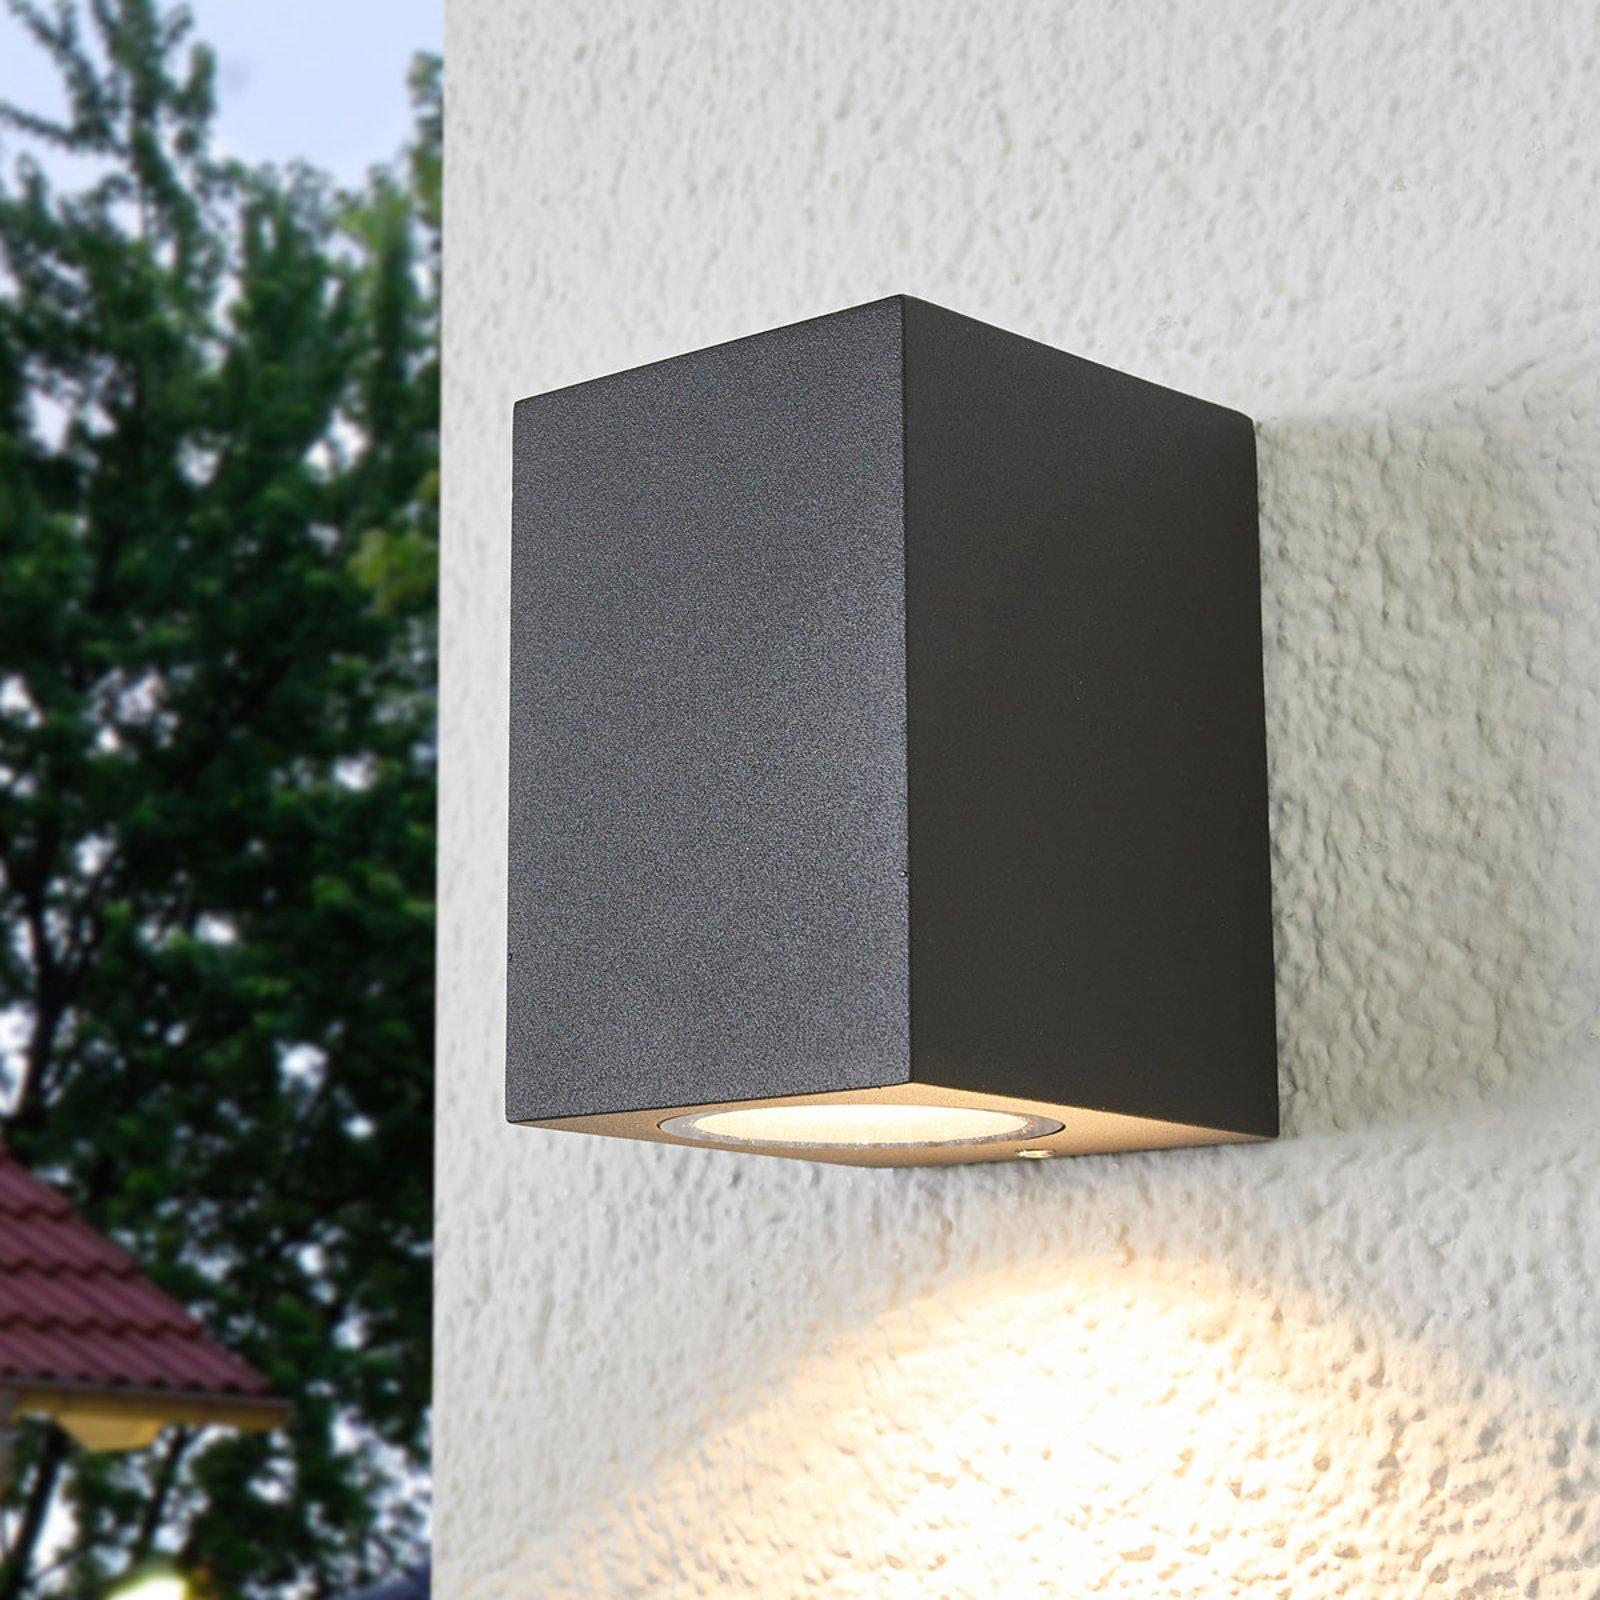 Utendørs vegglampe Xava med nedadrettet lys